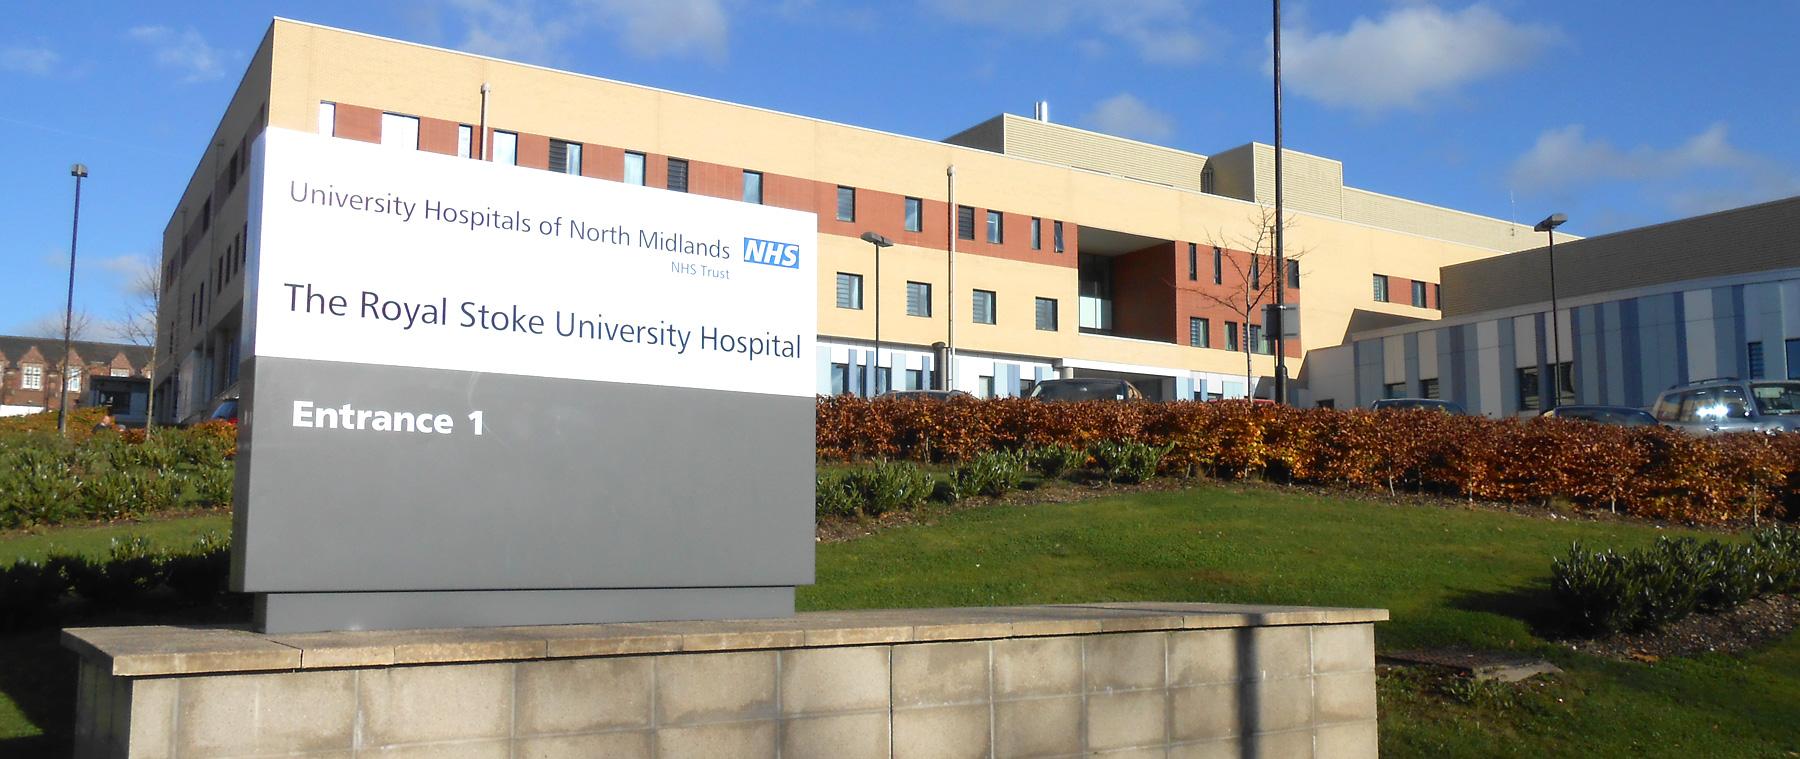 Royal Stoke University Hospital | UHNM NHS Trust